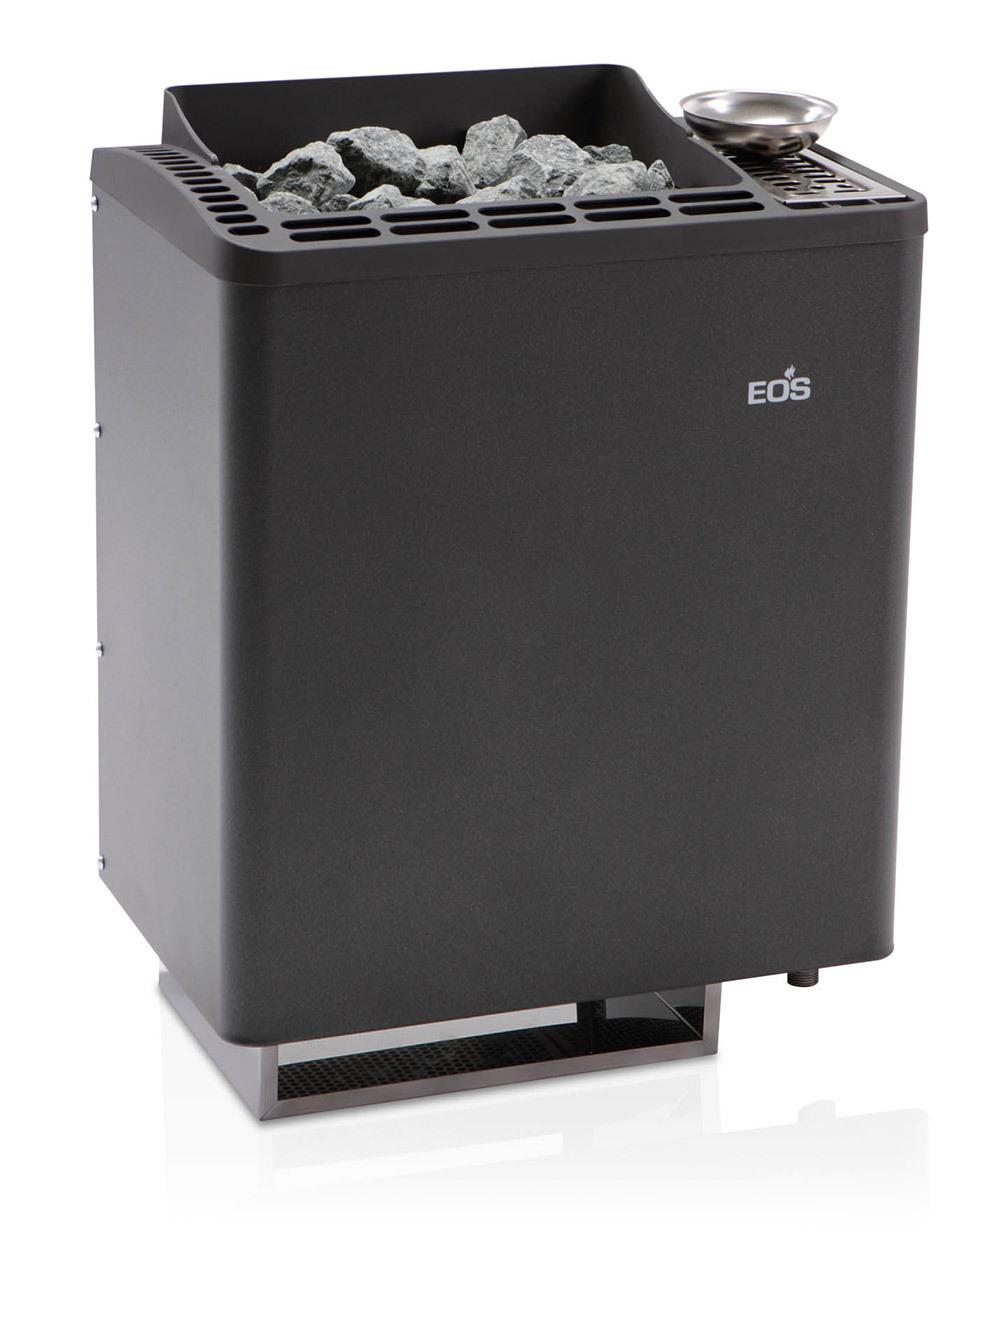 Печь с парогенератором EOS Bi-O Tec, фото 1